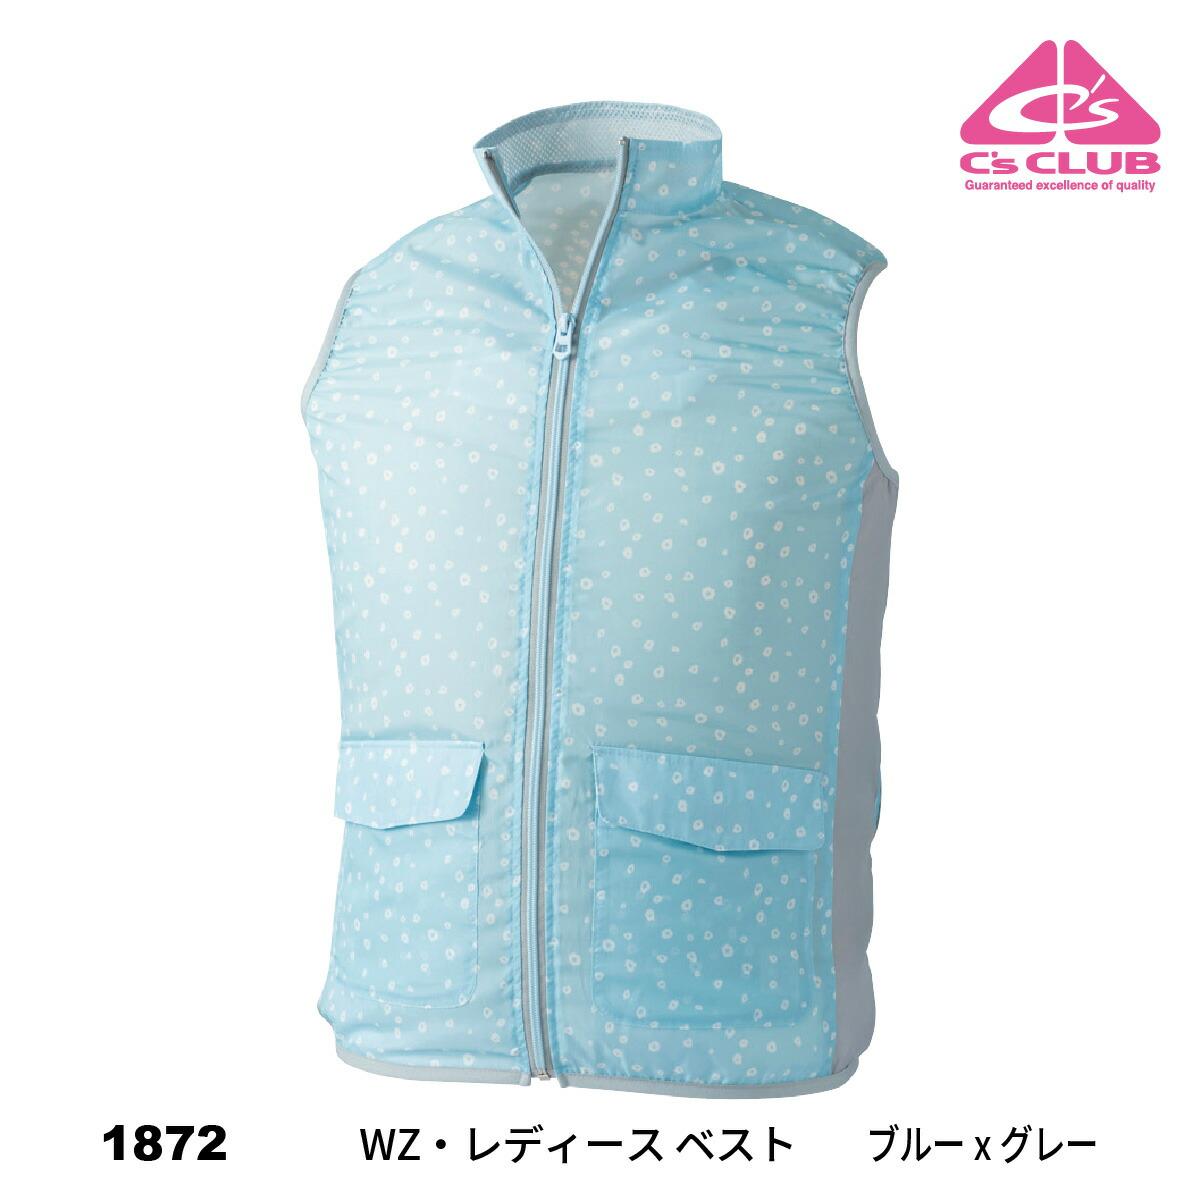 1872-829.ブルー×グレー